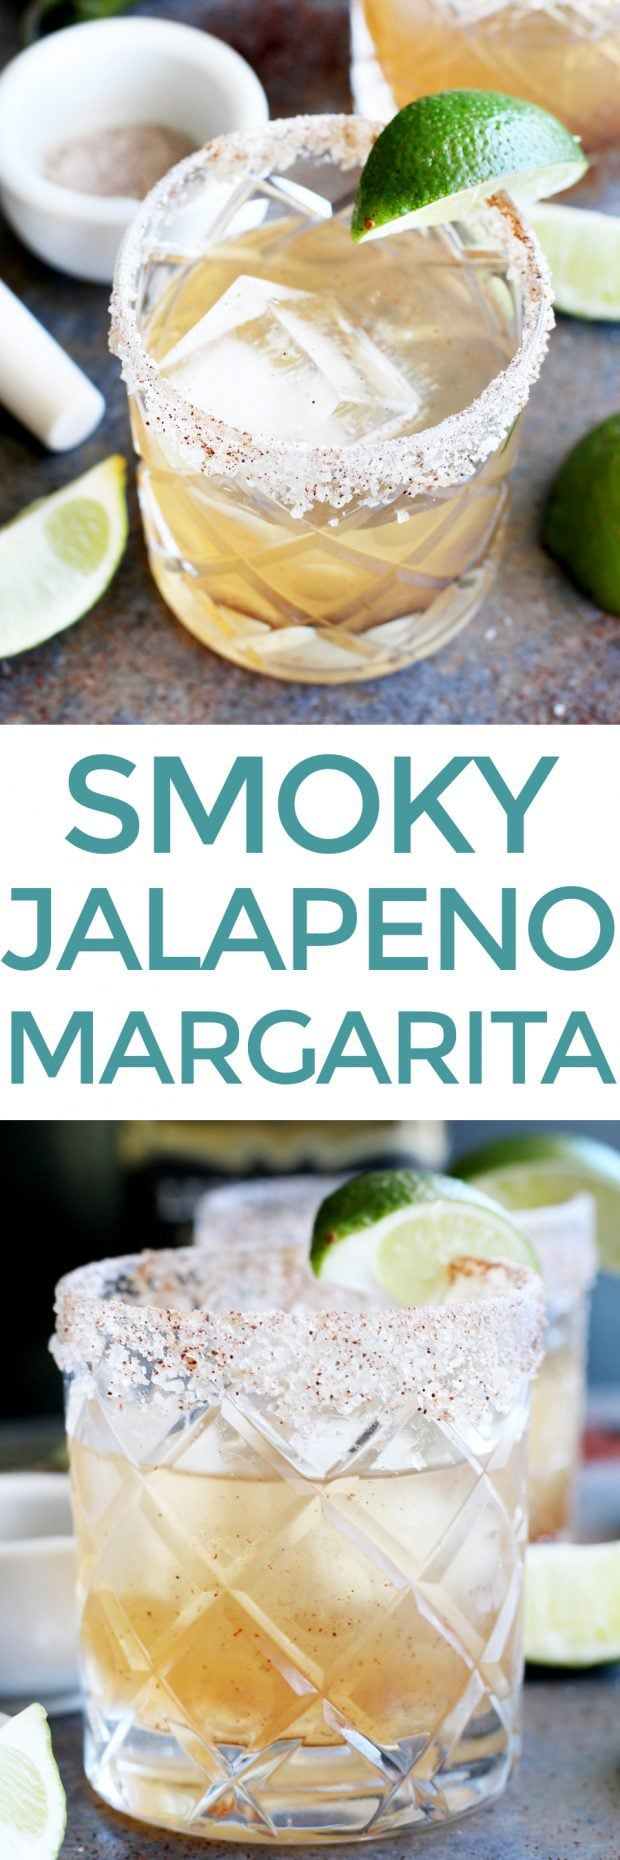 Smoky Jalapeño Margarita